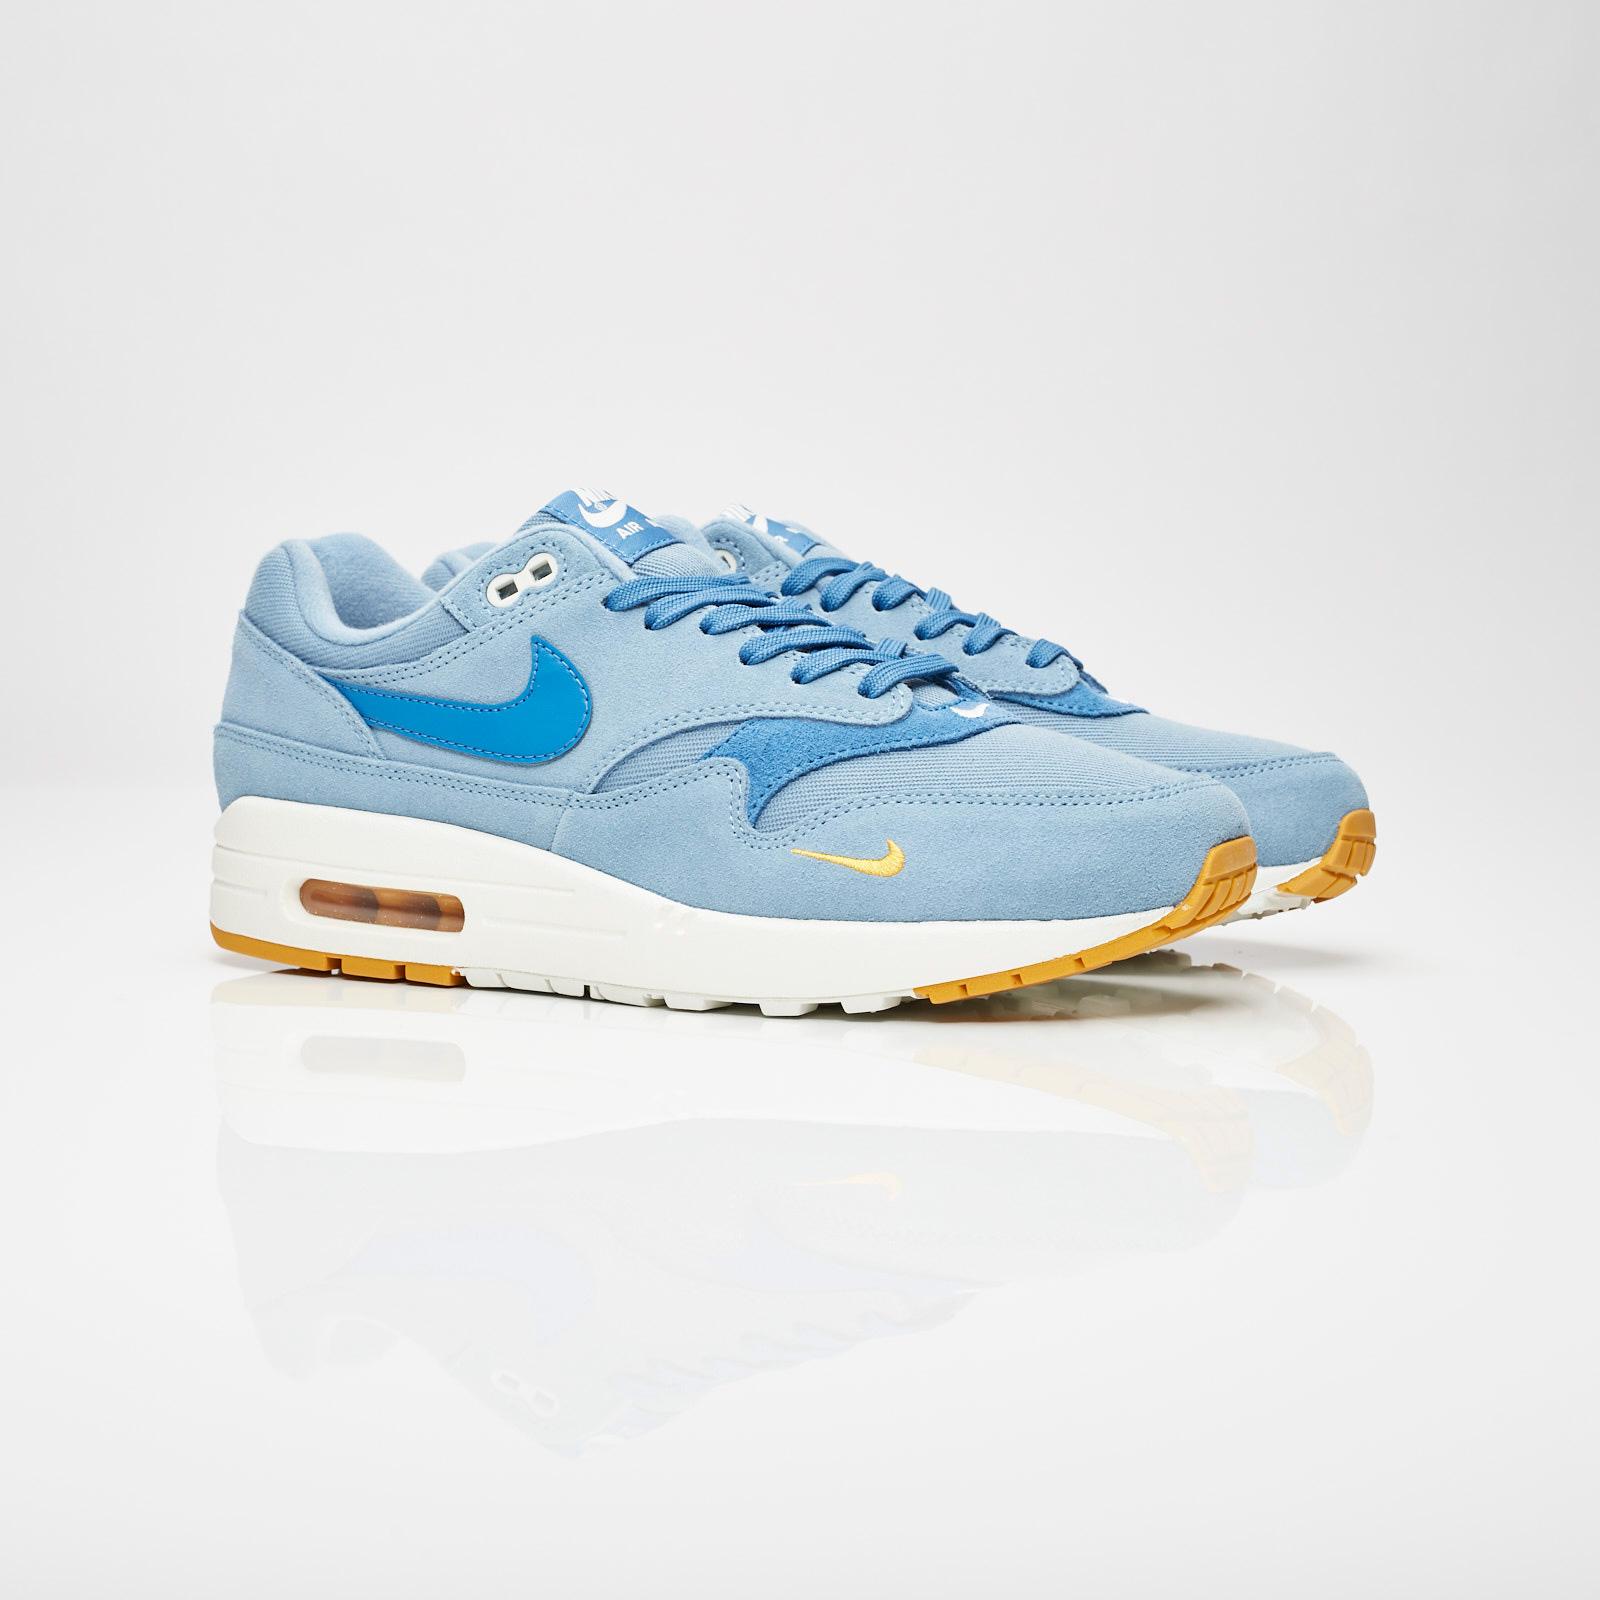 Nike Air Max 1 Premium - 875844-404 - Sneakersnstuff  ef5adcdad